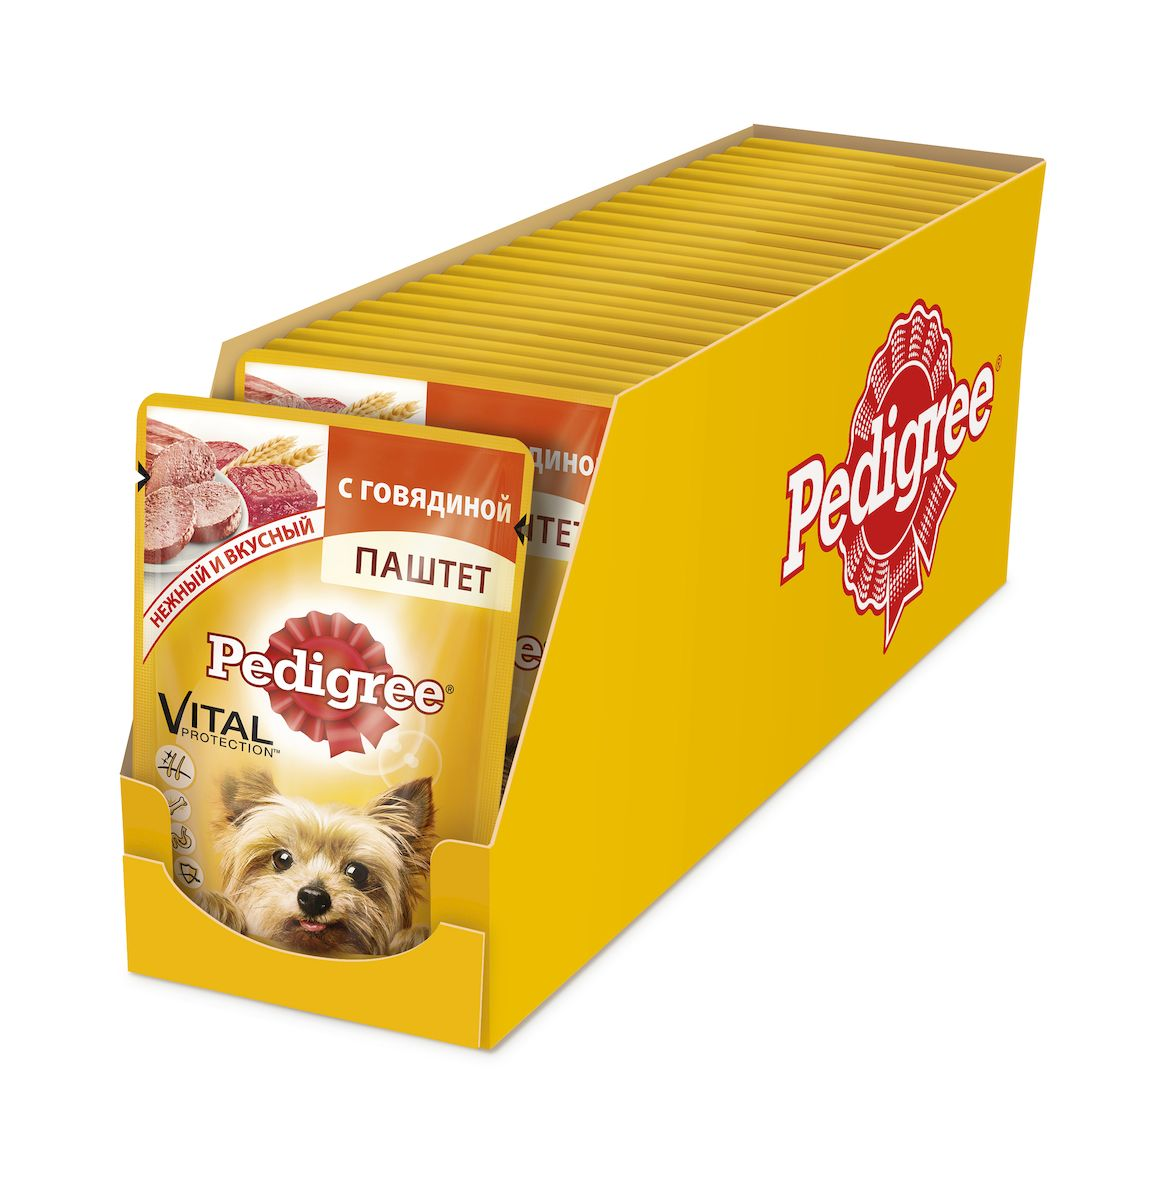 Консервы Pedigree для собак мелких пород от 1 года, паштет с говядиной, 80 г х 24 шт41398Консервы Pedigree – это не просто вкусный паштет с говядиной, но и полезный, оптимально сбалансированный рацион. Он обеспечивает организм собаки витаминами и микроэлементами, необходимыми ей для здоровья и активной жизни. Не содержитароматизаторов, усилителей вкуса, сои и консервантов, искусственных красителей. Ключевые преимущества: Поддержка иммунной системы: Витамин E и цинк поддерживают иммунную систему. Здоровье костей: Содержит кальций для поддержания здоровья костей. Здоровье кожи и шерсти: Линолевая кислота и цинк необходимы для здоровья кожи и шерсти. Отличное пищеварение: Высокоусвояемые ингредиенты и клетчатка для оптимального пищеварения.Состав: мясо и субпродукты (в том числе говядина минимум 4%), клетчатка,минеральные вещества, растительное масло, витамины. Пищевая ценность (100 г): белки – 7,0 г; жиры – 3,5 г; зола – 1,0 г; клетчатка – 0,6 г; влага – 85 г; кальций – не менее 0,1 г; цинк – не менее 1.8 мг; витамин A – не менее 120 ME; витамин E – не менее 0,9 мг.Энергетическая ценность (100 г): 65 ккал/272 кДж. В упаковке 24 пауча по 80 г.Товар сертифицирован.